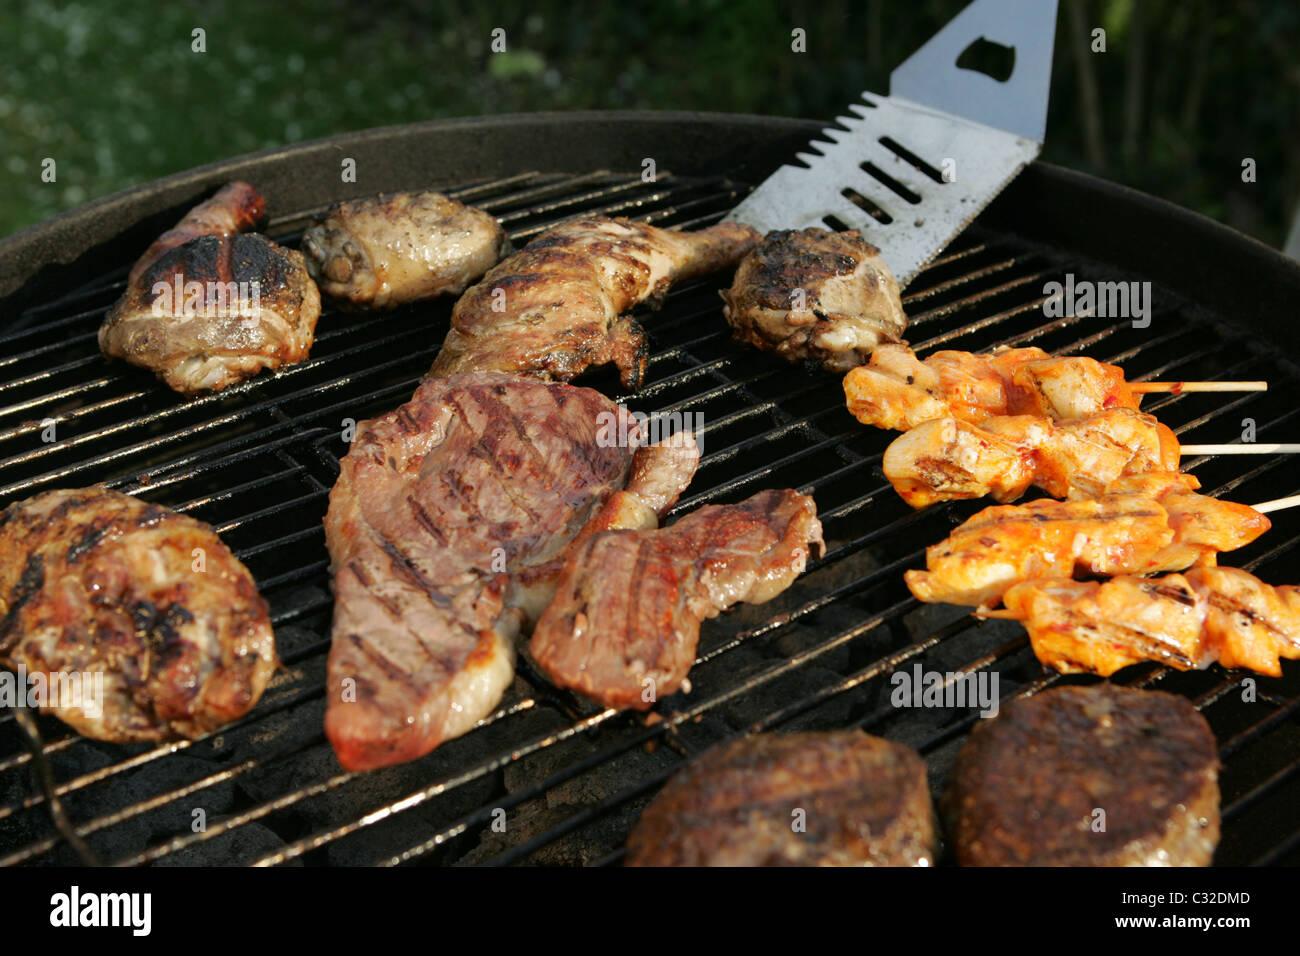 BBQ - Auswahl an Fleisch Stockbild